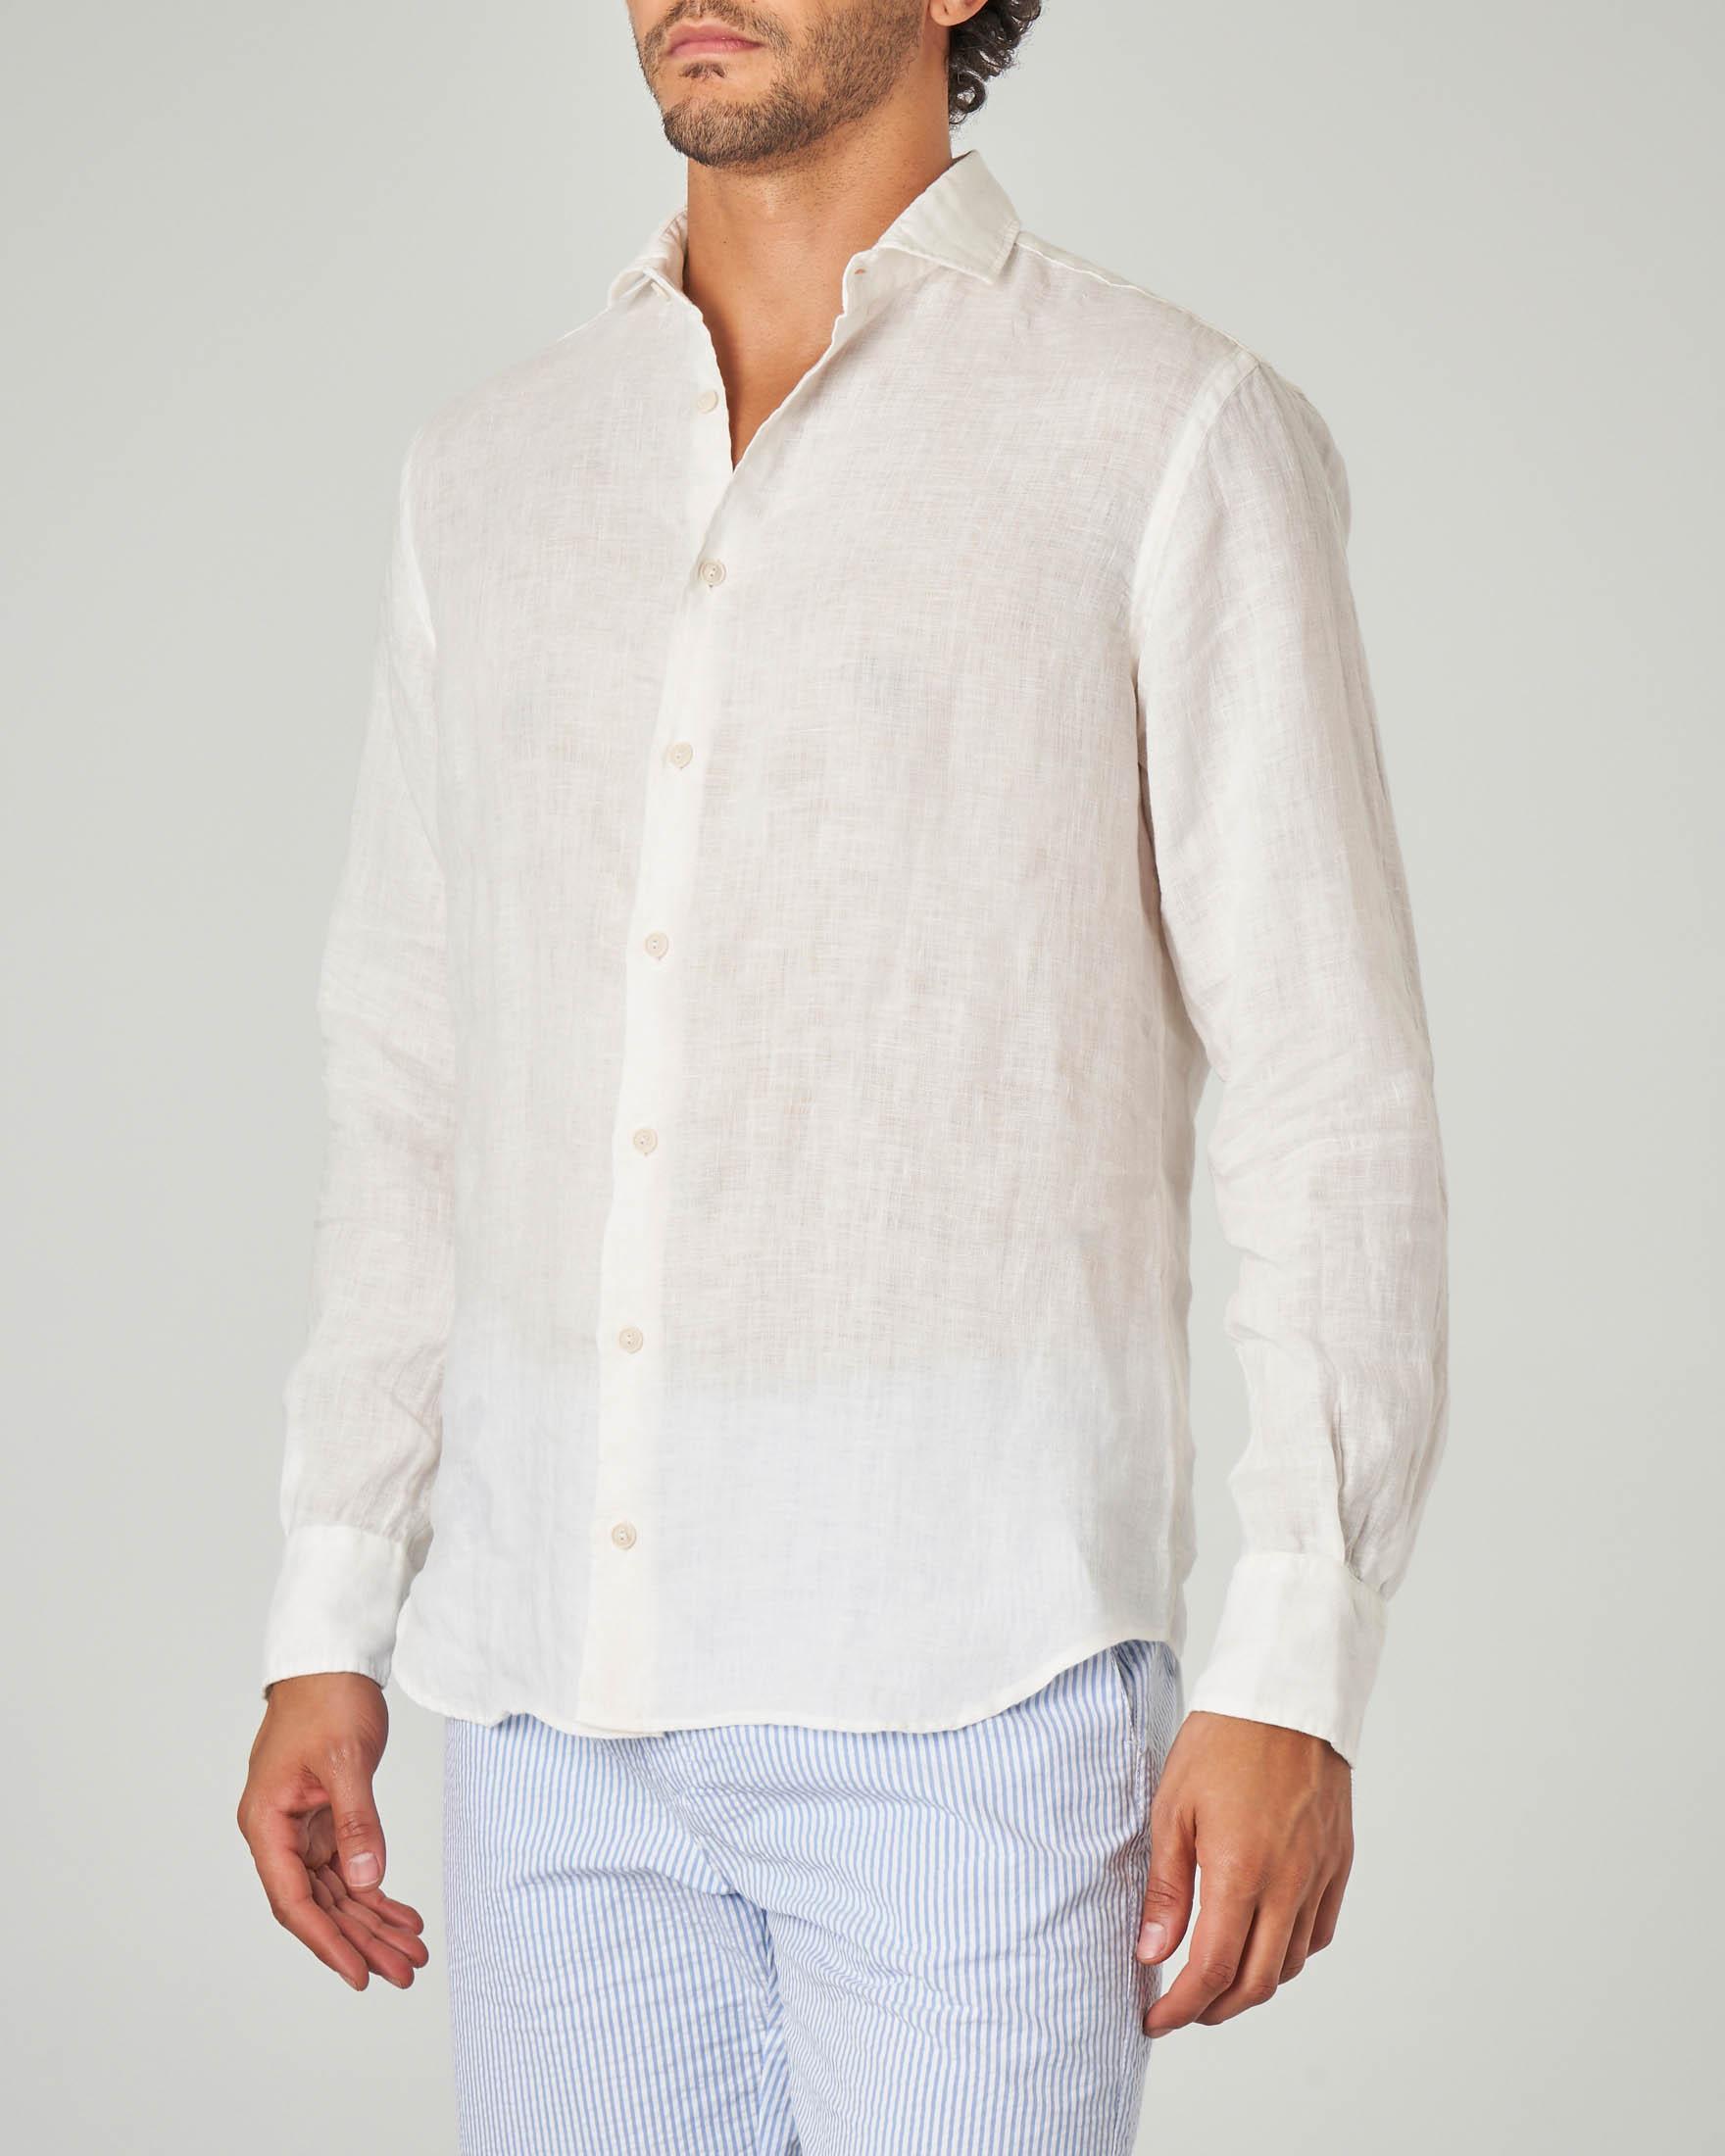 Camicia bianca in lino con collo alla francese